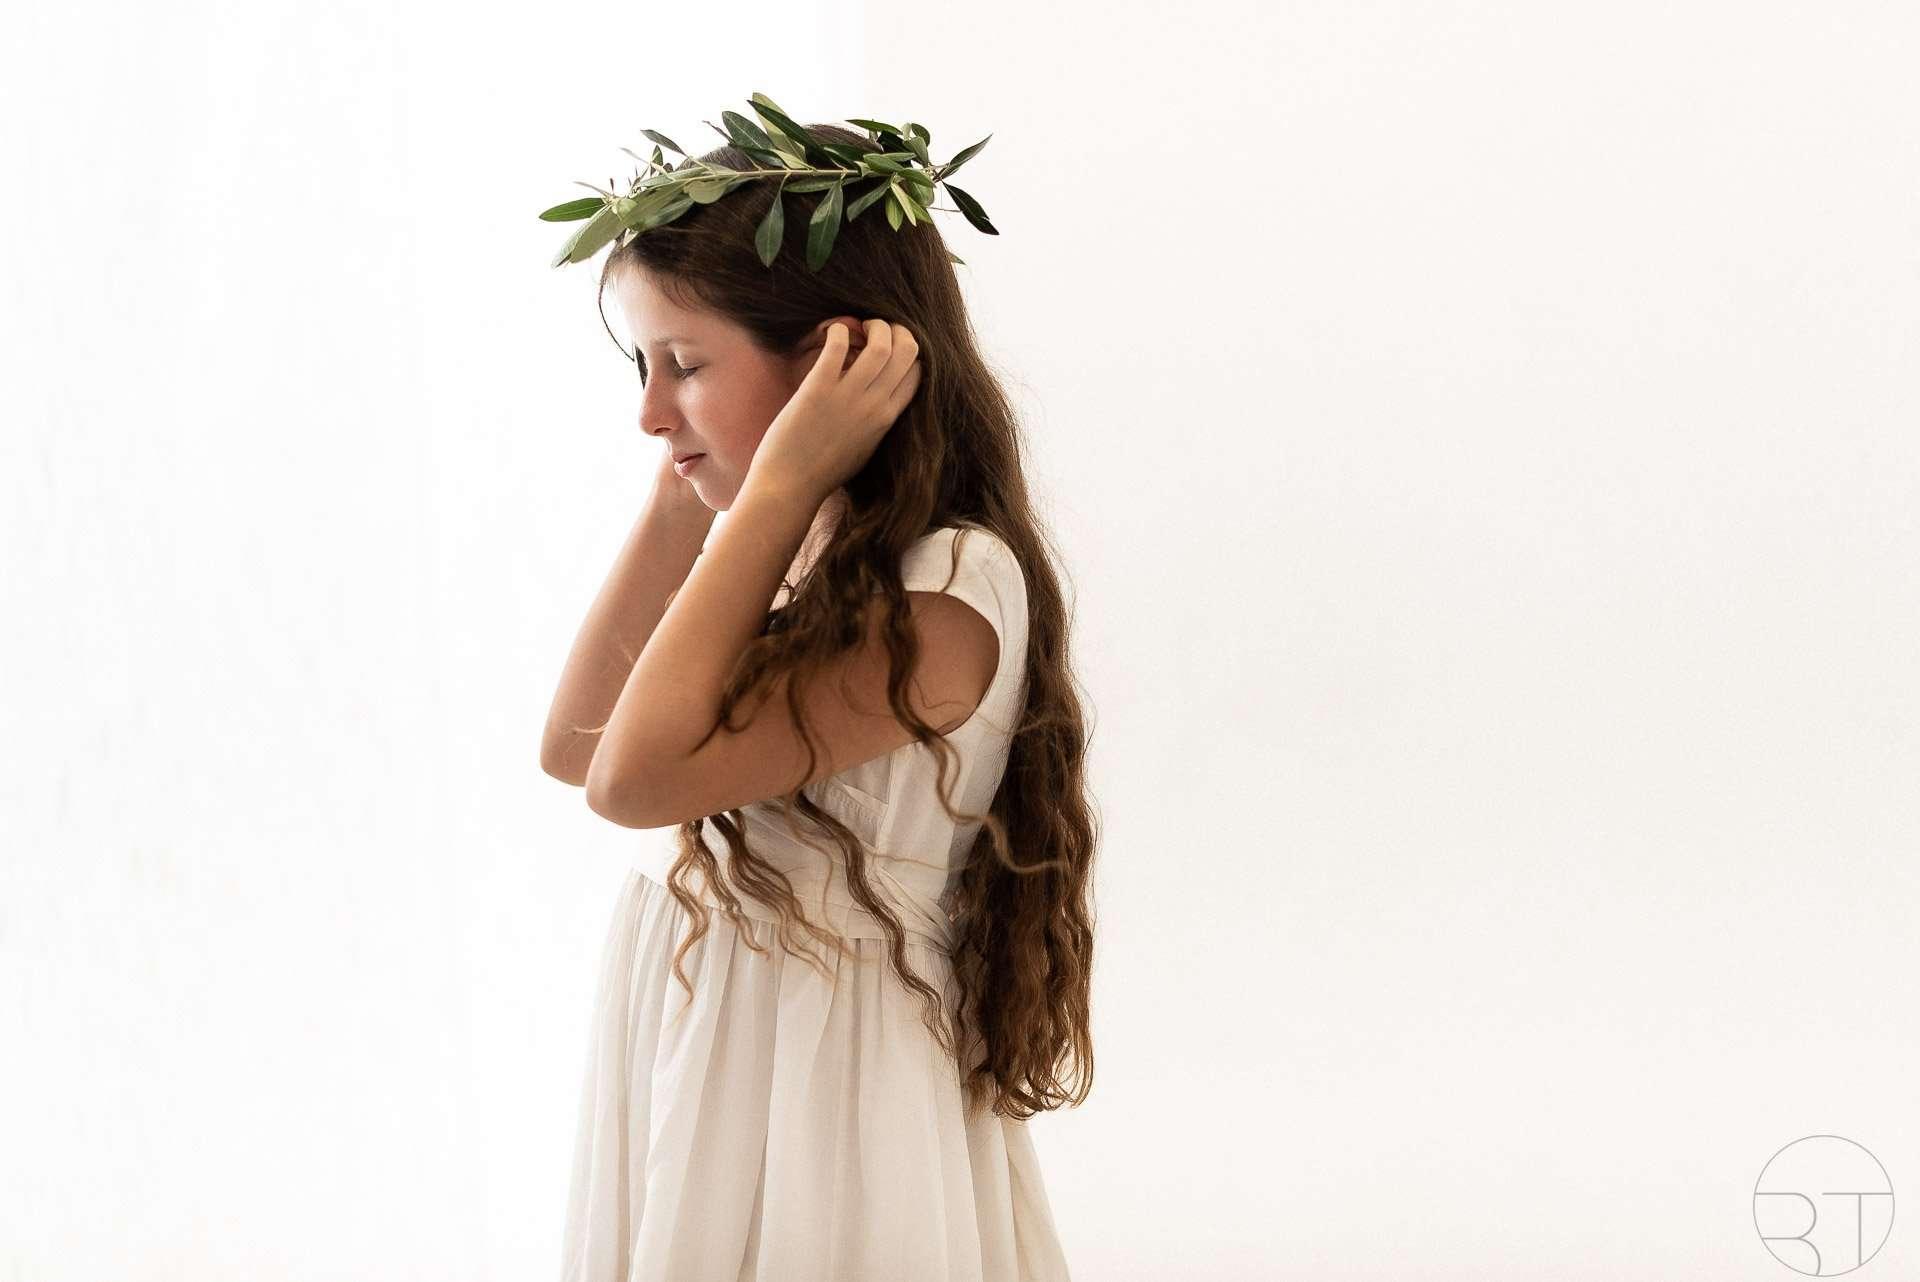 Ragazza con corona di ulivo